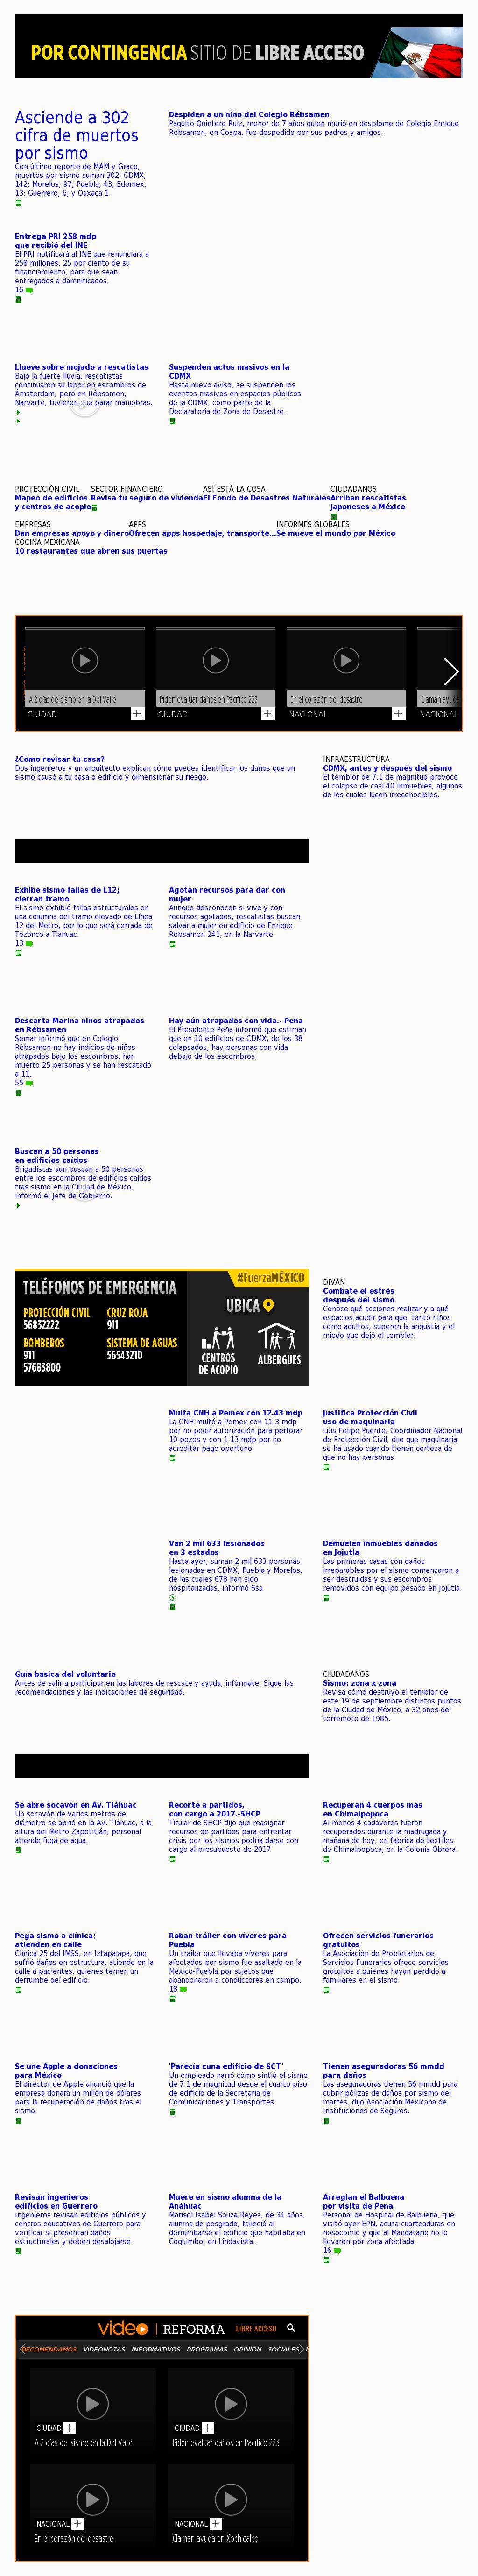 Reforma.com at Friday Sept. 22, 2017, 1:18 a.m. UTC